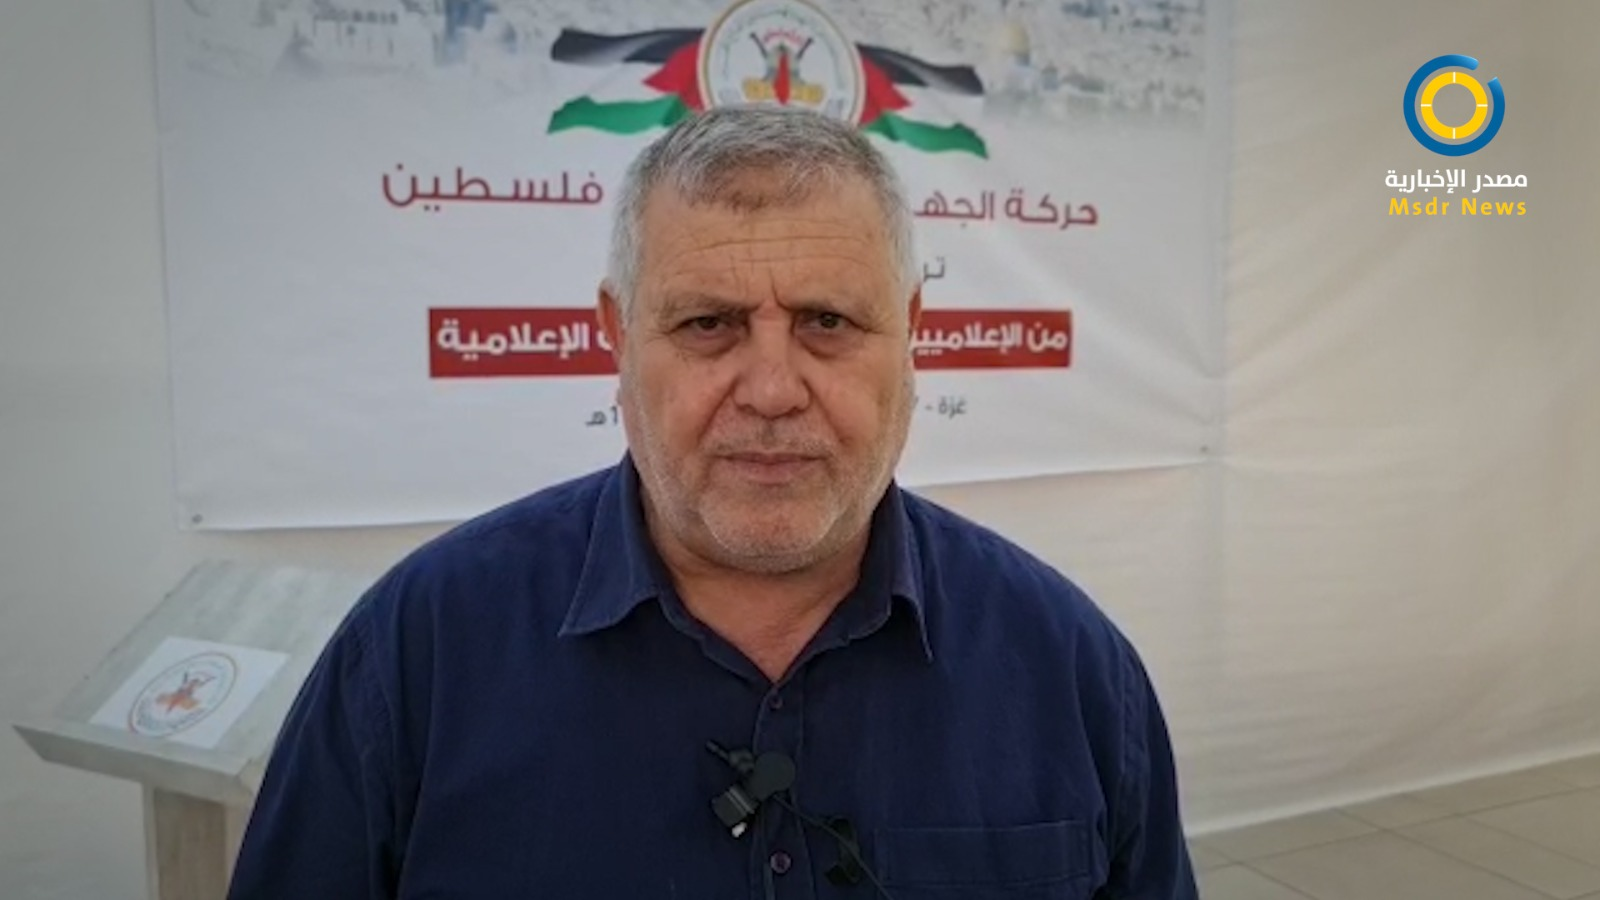 خالد البطش ومسيرة الأعلام - البطش وموقف الأمم المتحدة